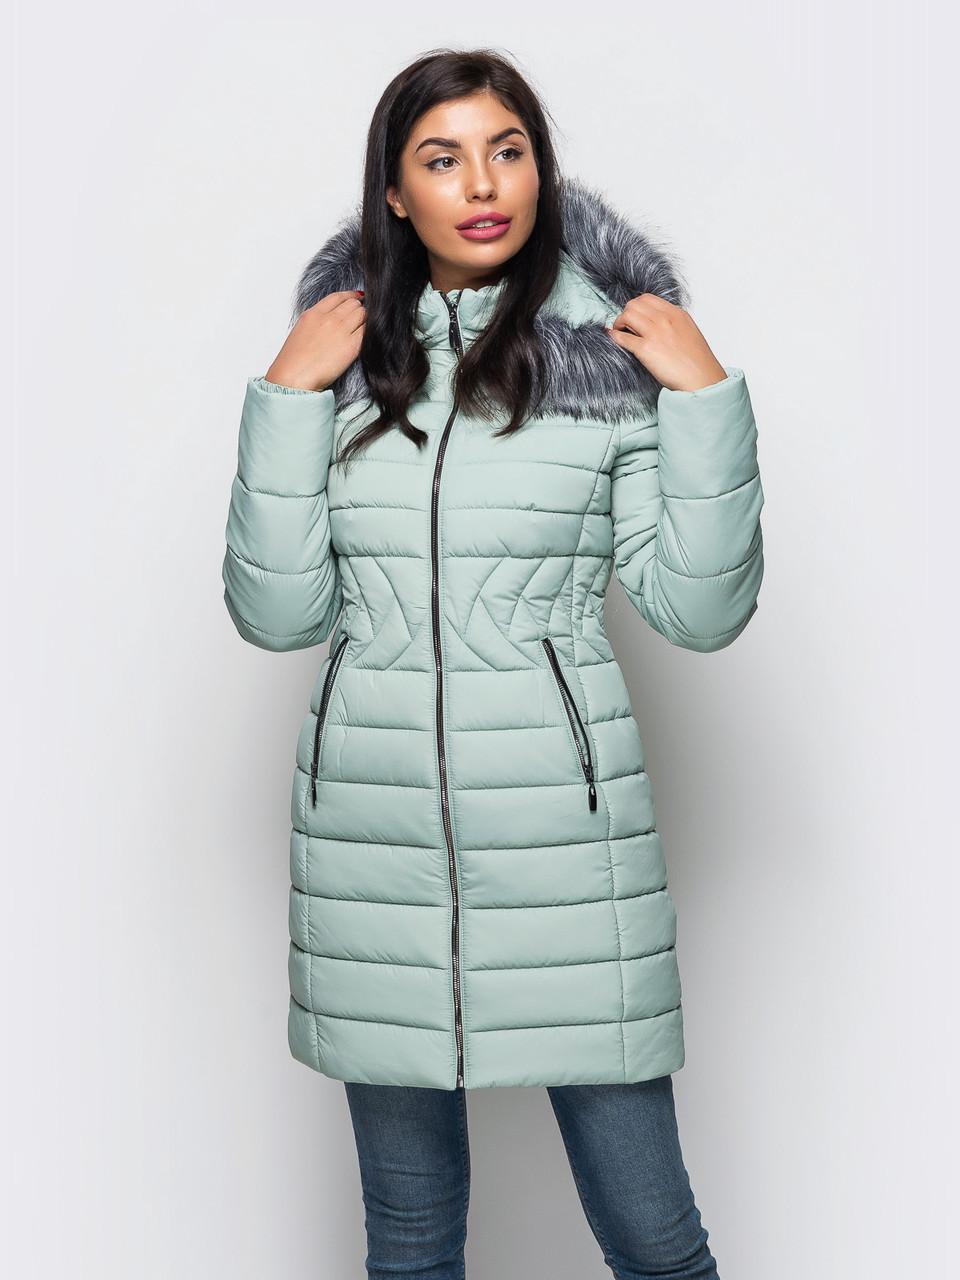 4522c09d Женская стильная теплая зимняя куртка р.42,44,46,48,50,52: продажа ...